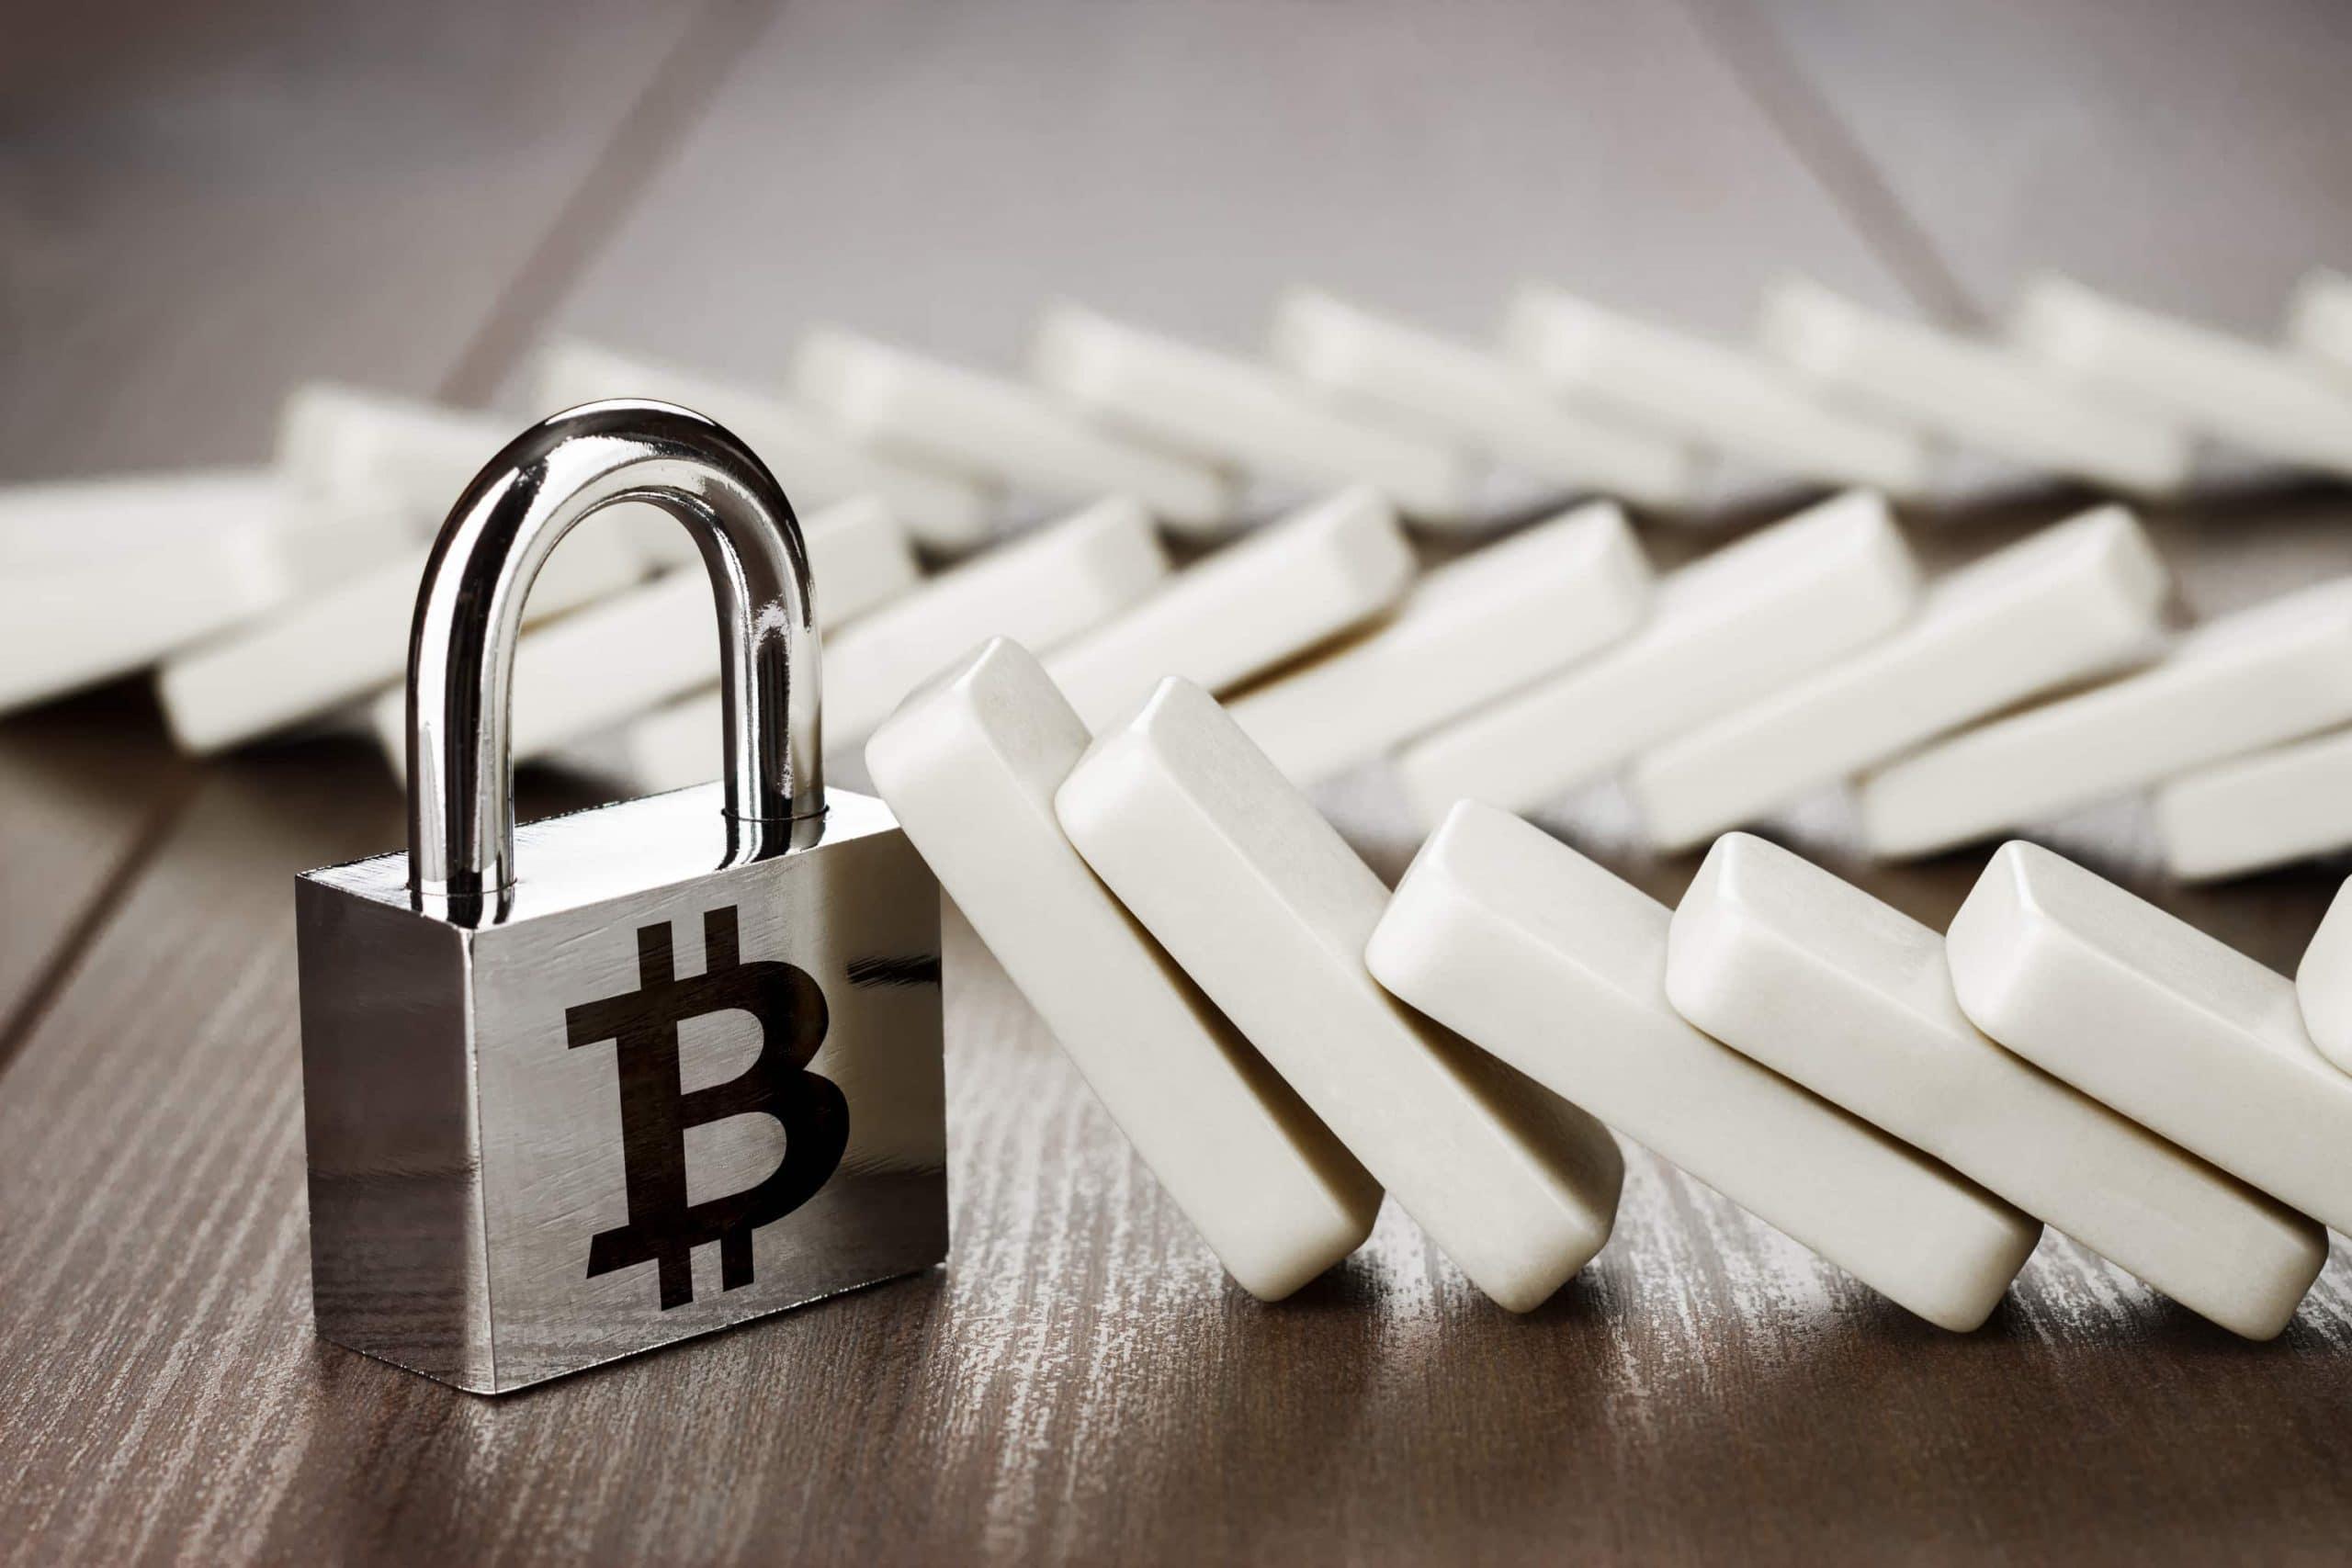 Ein Vorhängeschloss mit Bitcoin-Logo hält den Sturz einer Domino-Reihe auf